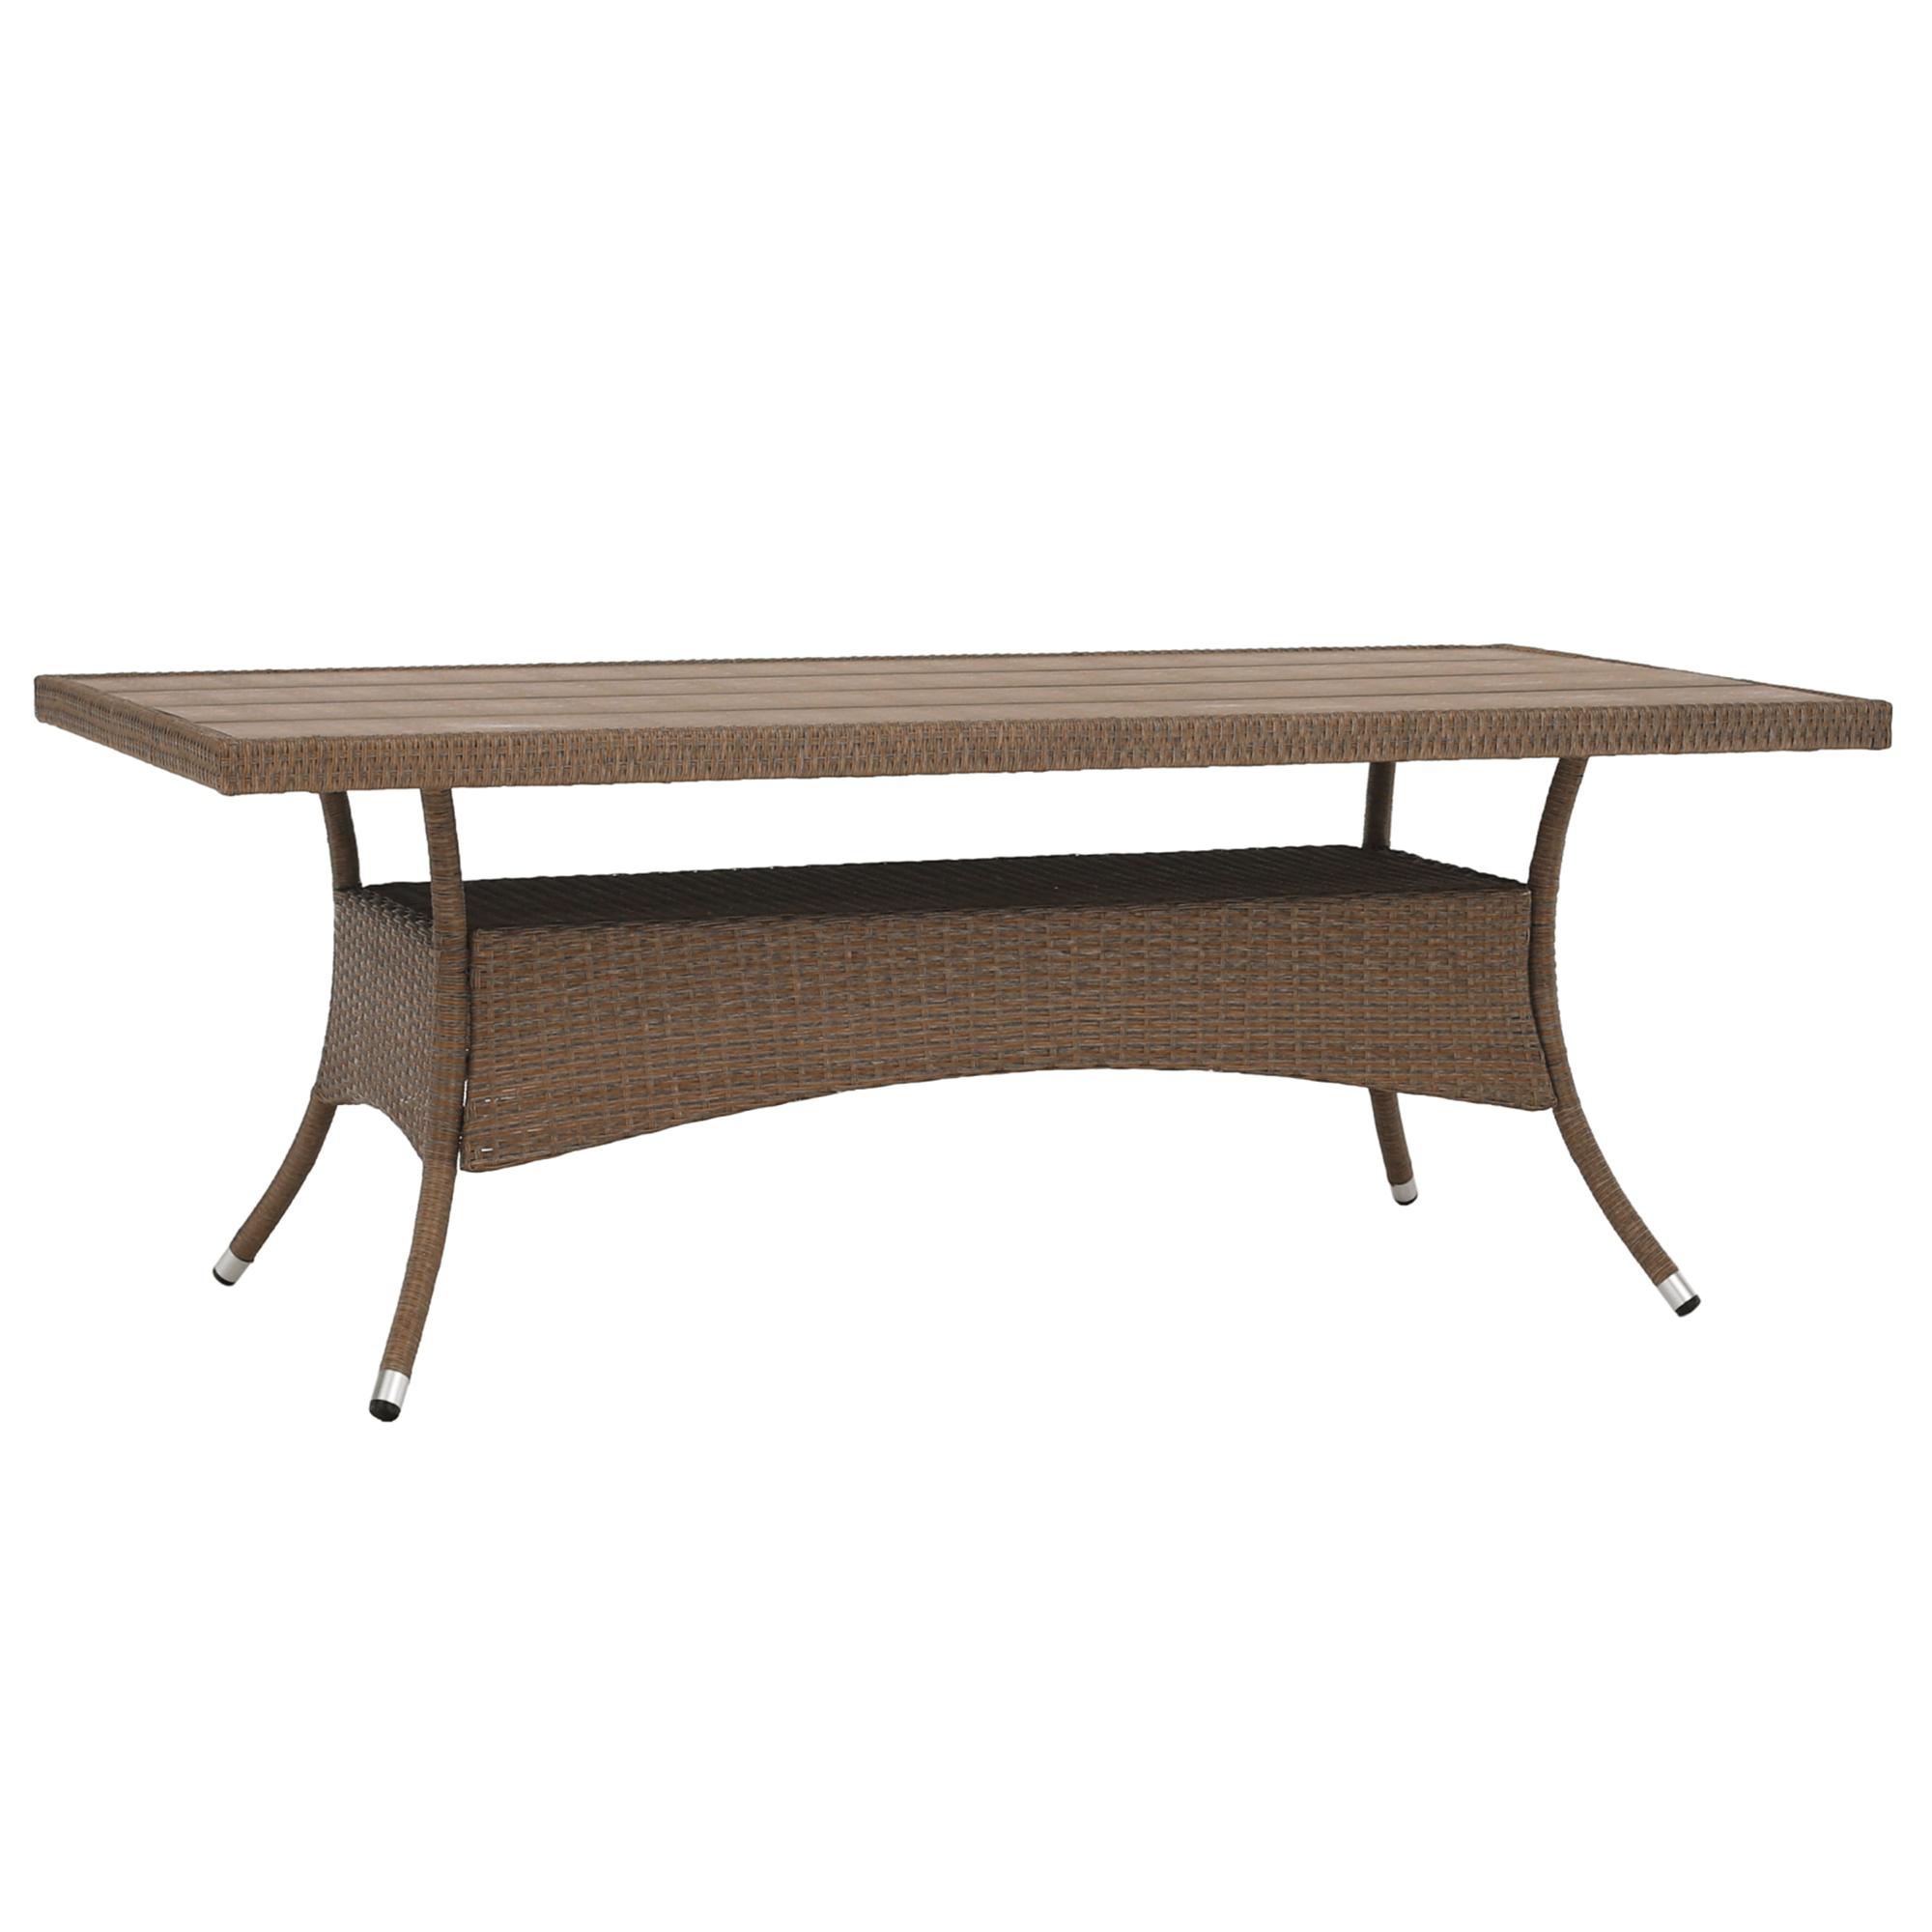 Záhradný ratanový stôl, 200cm, STRIB